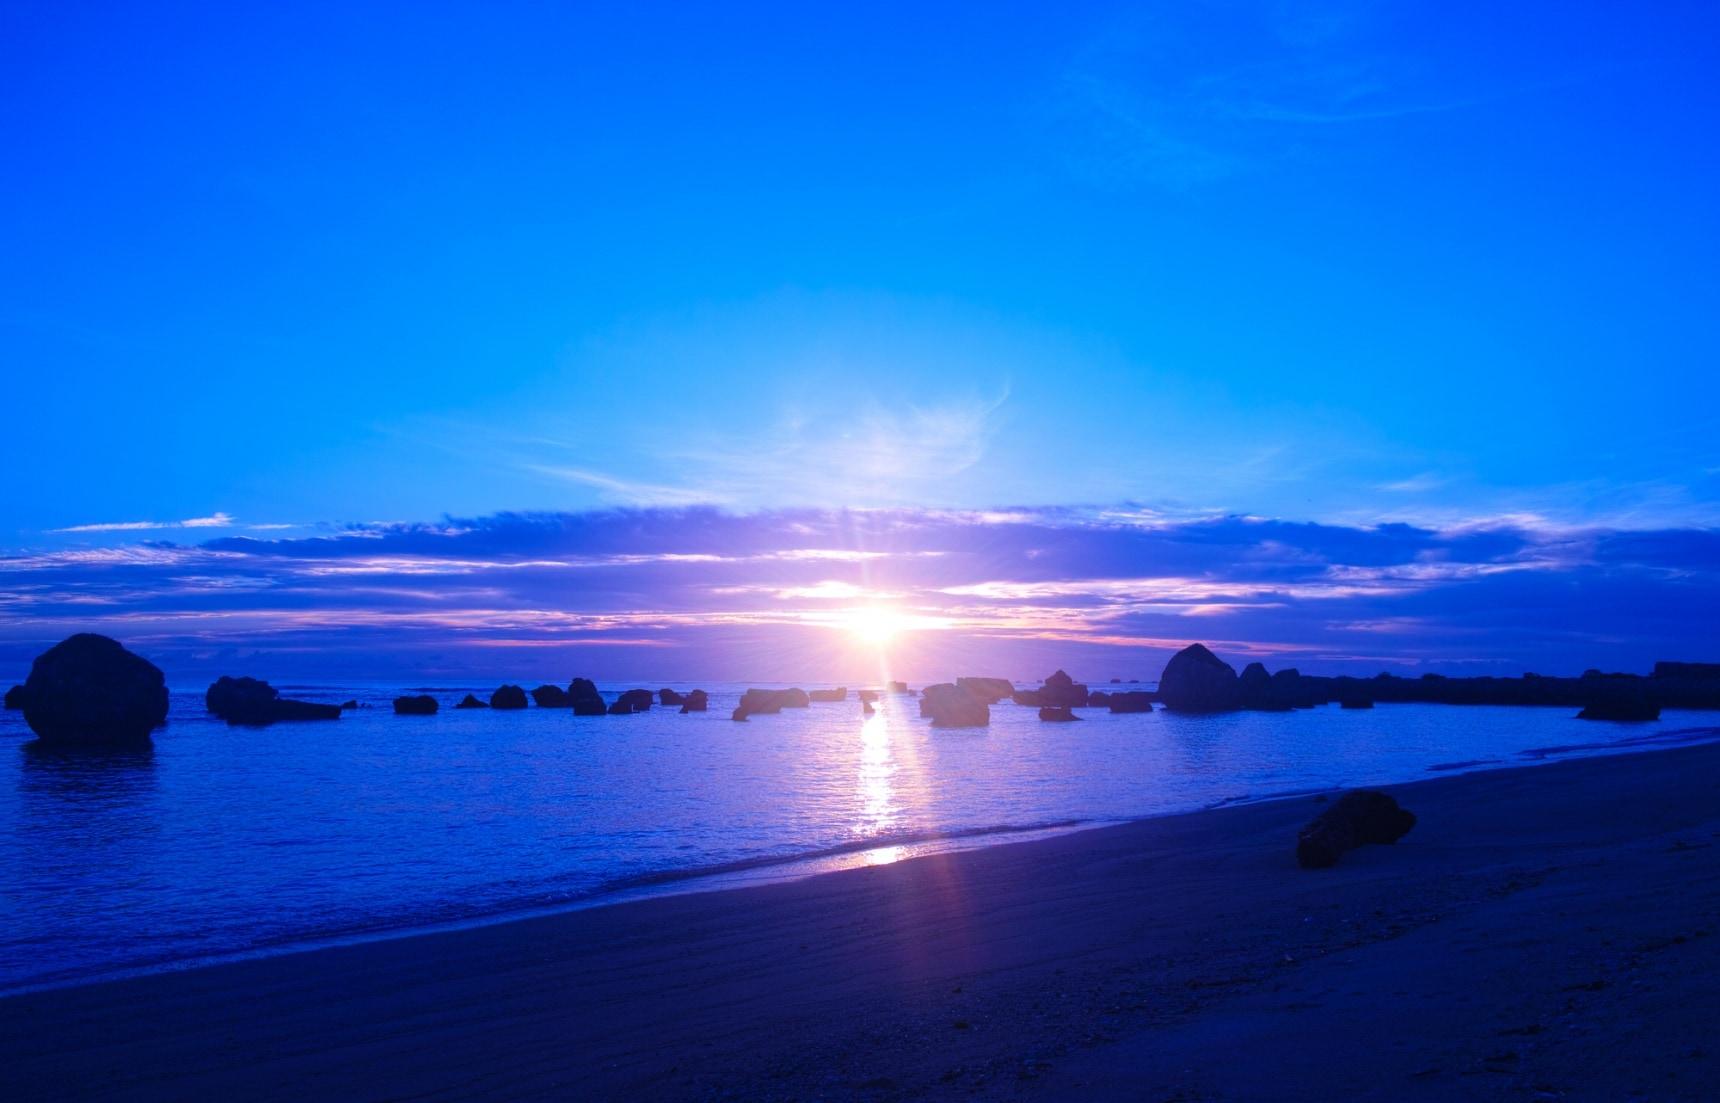 【日本自由行】迎接清晨第一道曙光!日本絕景日出觀賞地點全公開!